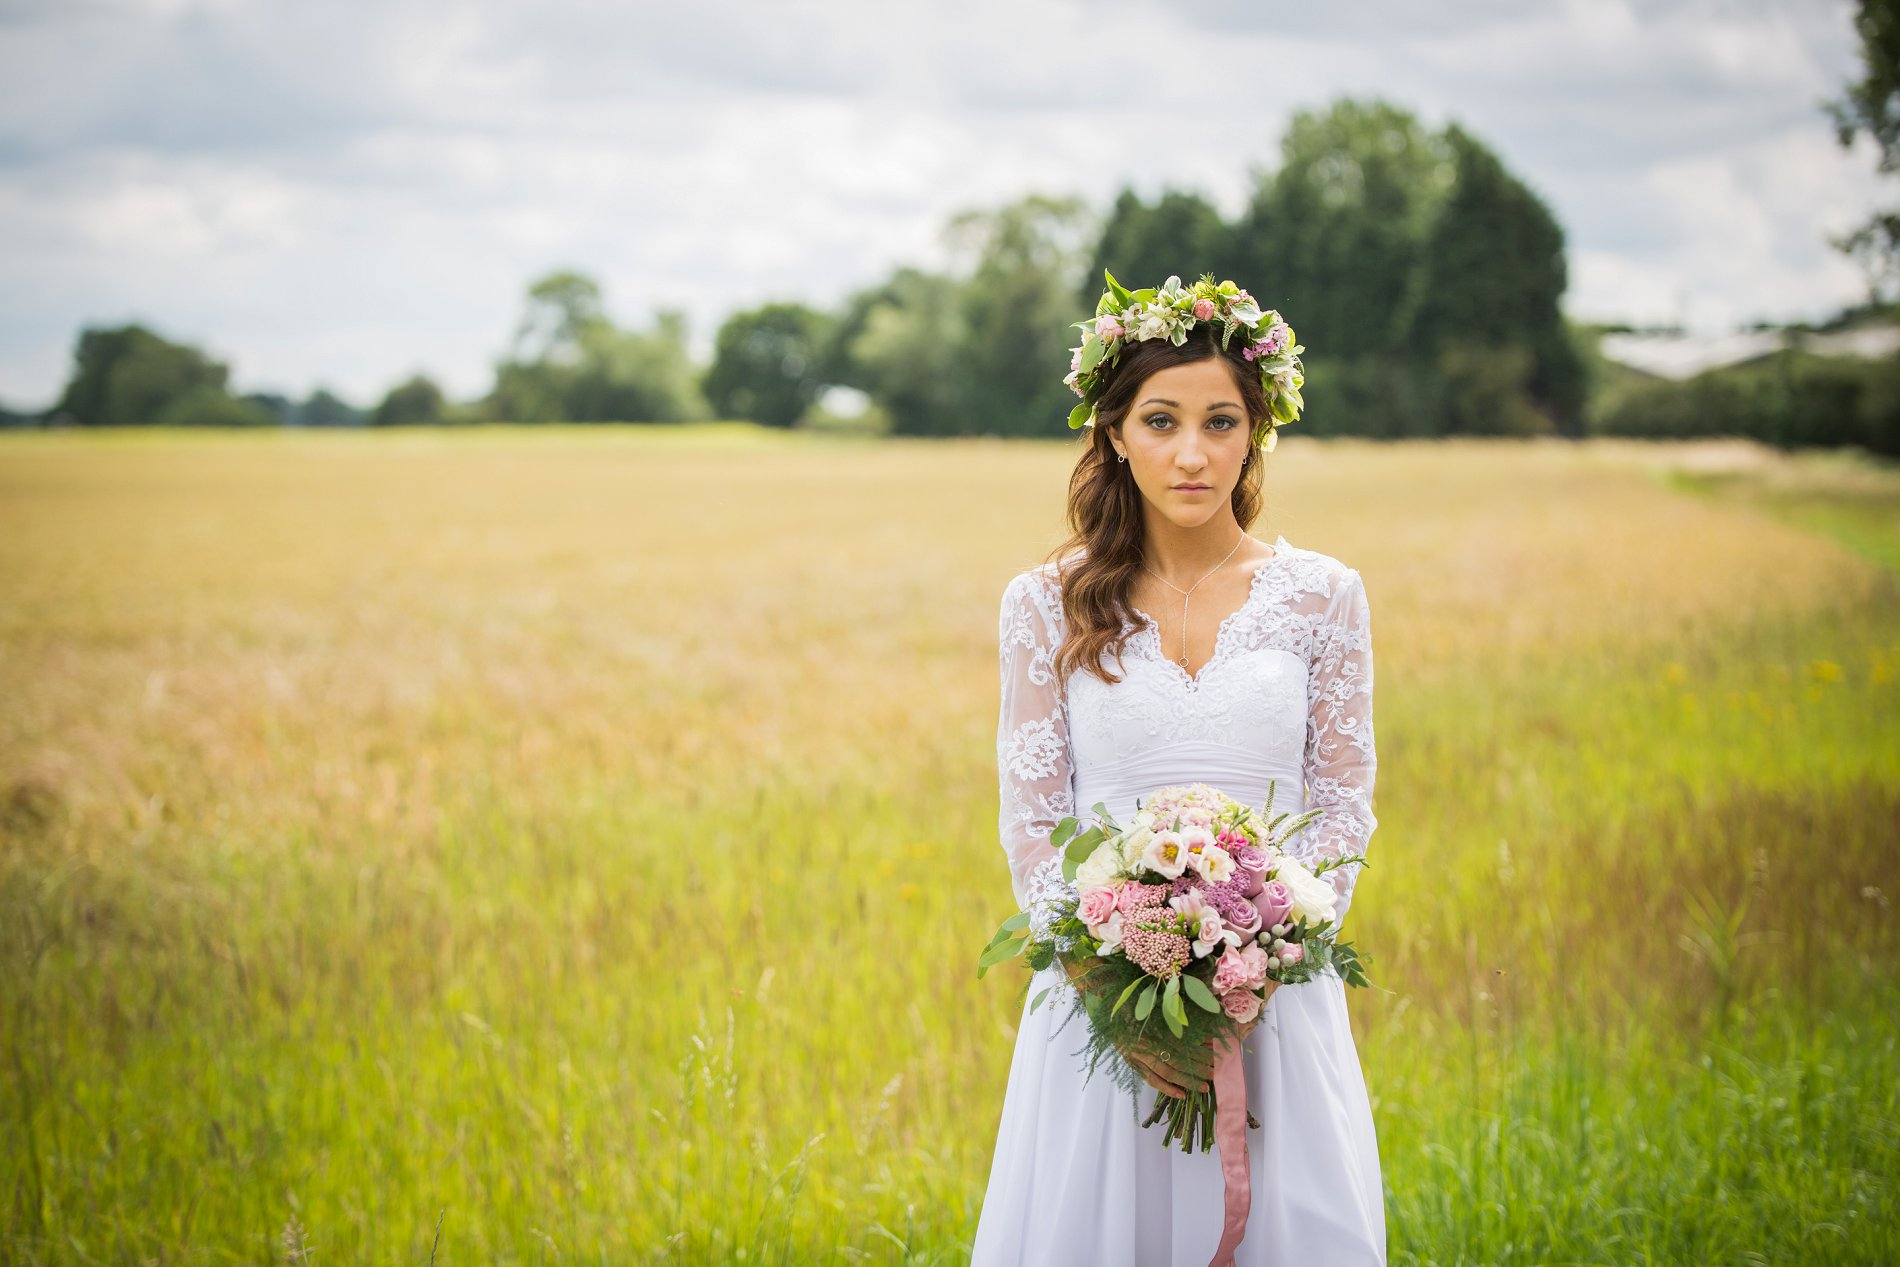 Edward Ashley Photography (9)